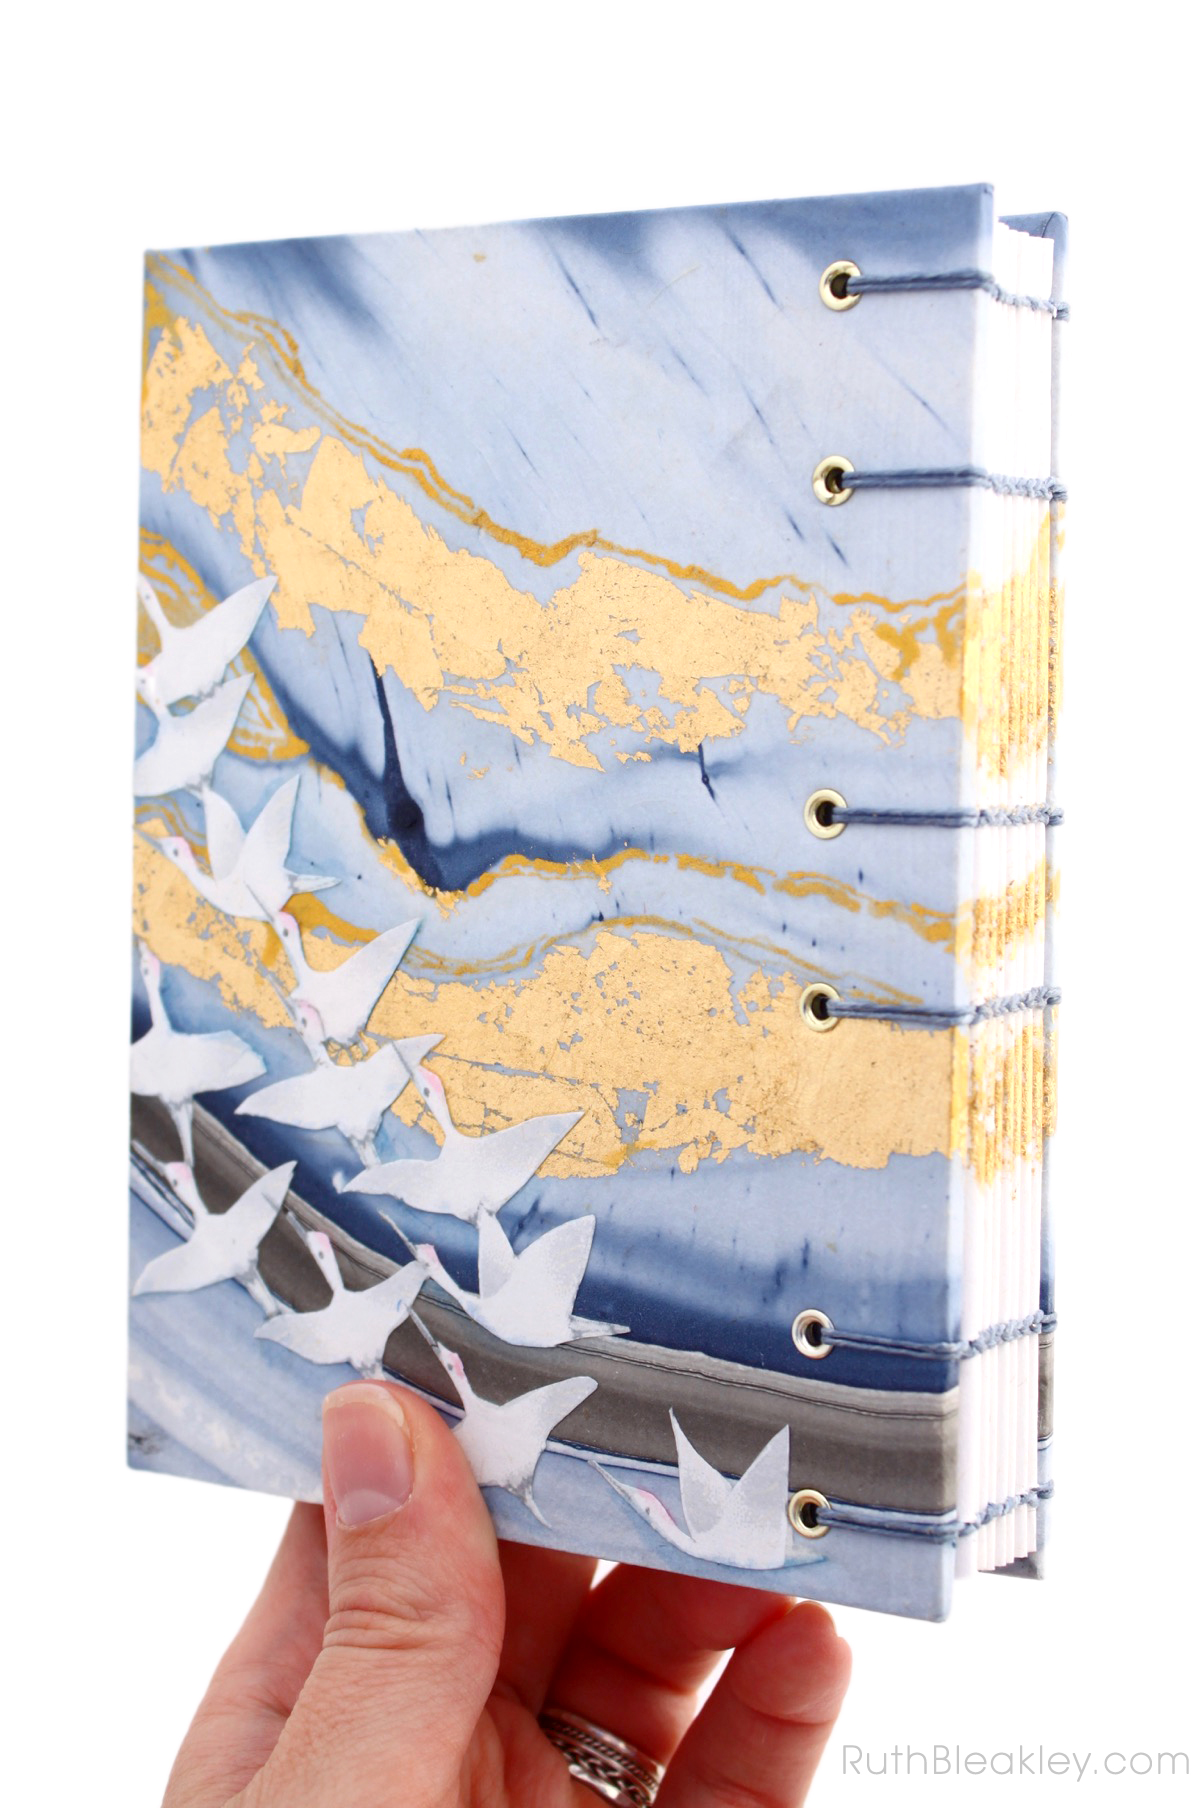 Golden Cranes Journal handmade by book artist Ruth Bleakley - 3